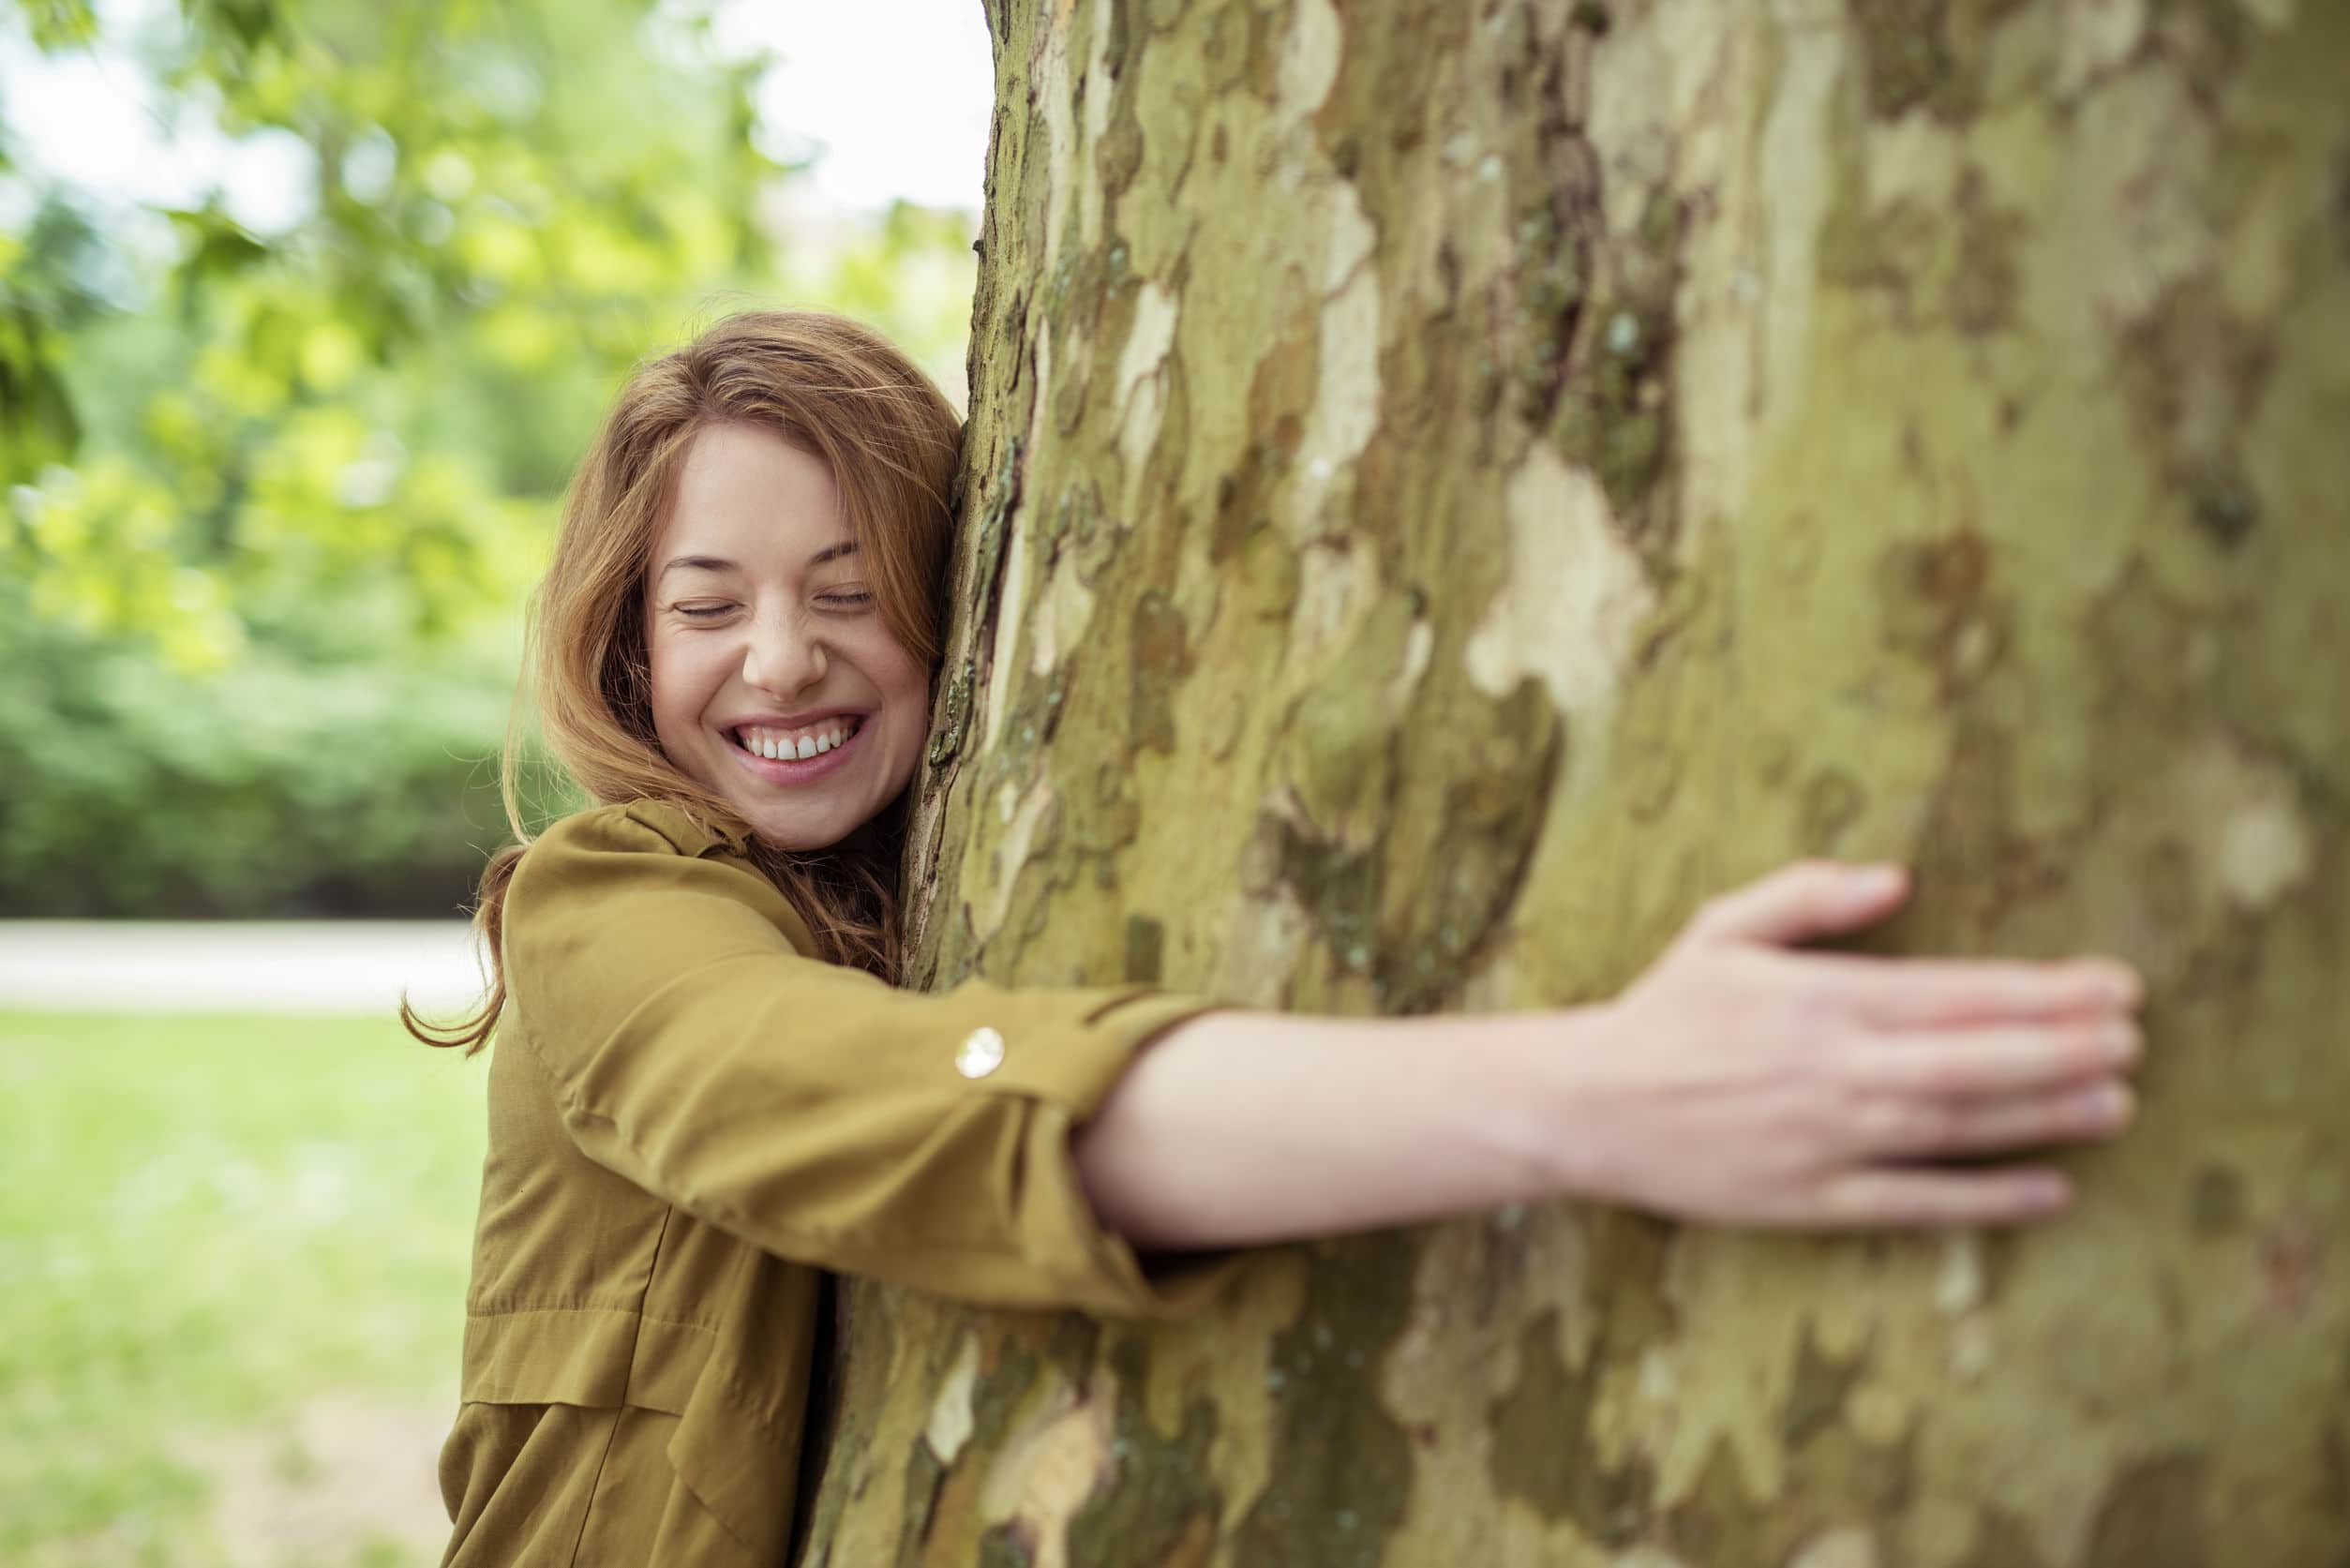 Menina loura adolescente muito feliz abraçando o tronco de árvore enorme em um parque com um sorriso no rosto